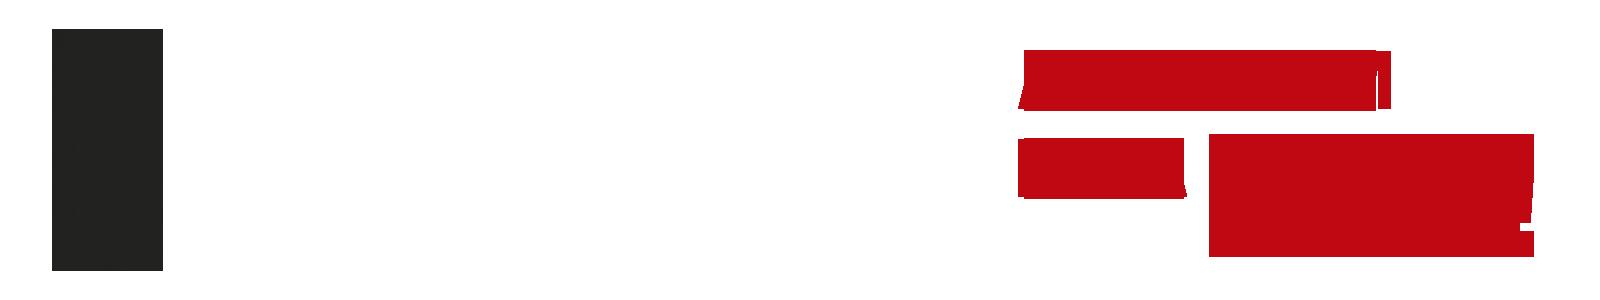 DESCRIÇÃO DE IMAGEM: À esquerda, o logo da Fundação Dorina em linhas pretas. À direita, a frase ACABE COM ESSA FILA! em letras maiúsculas e em vermelho escuro.